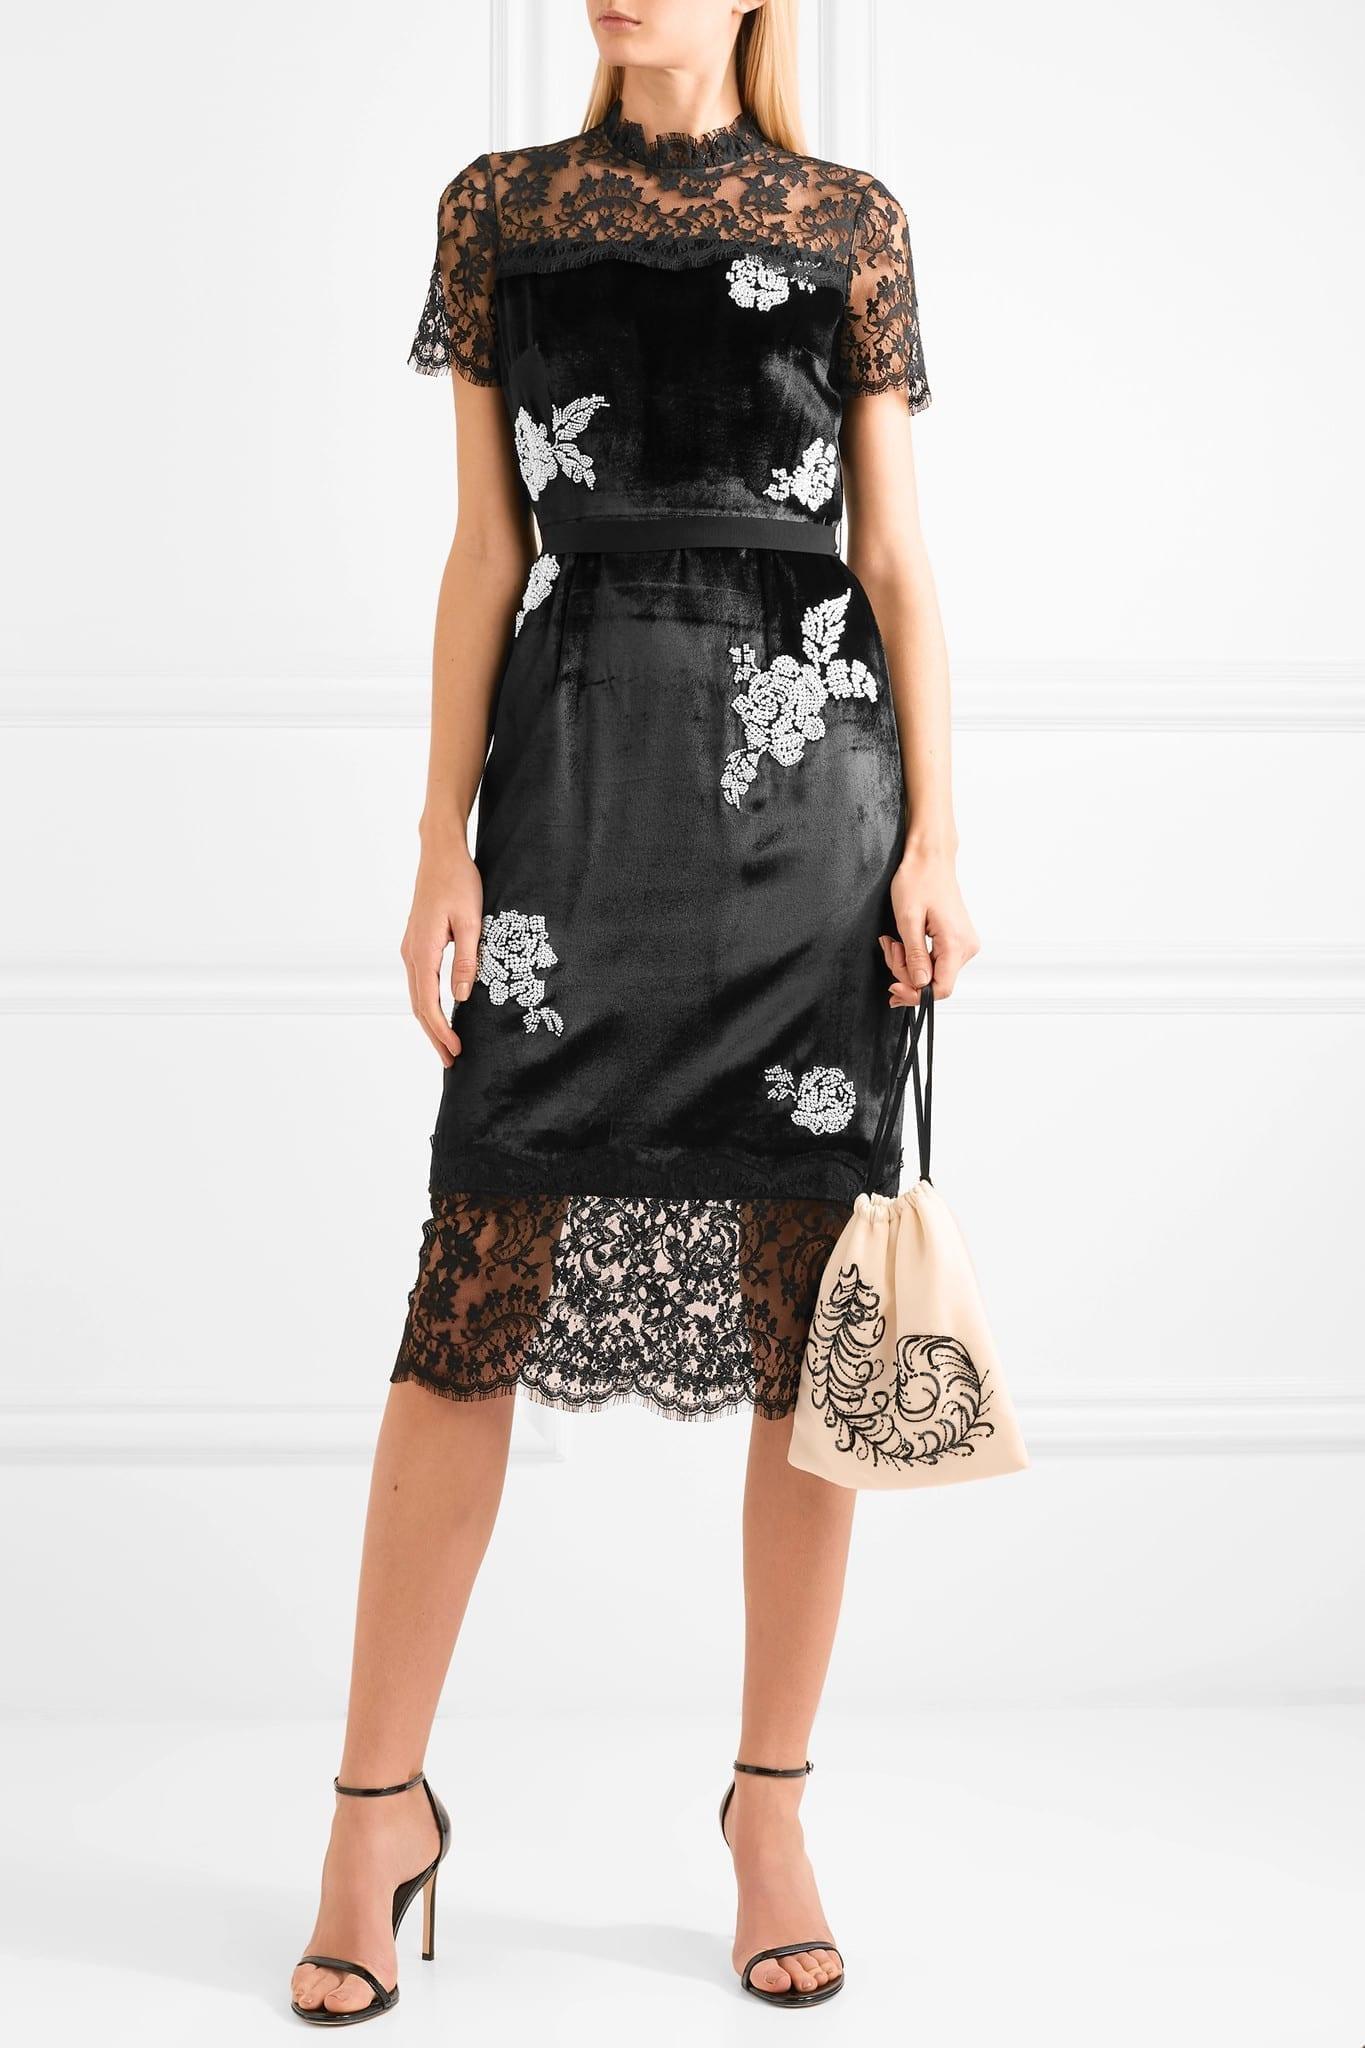 ERDEM Keni Lace Paneled Silk Faille Trimmed Faux Pearl Embellished Velvet Black Dress